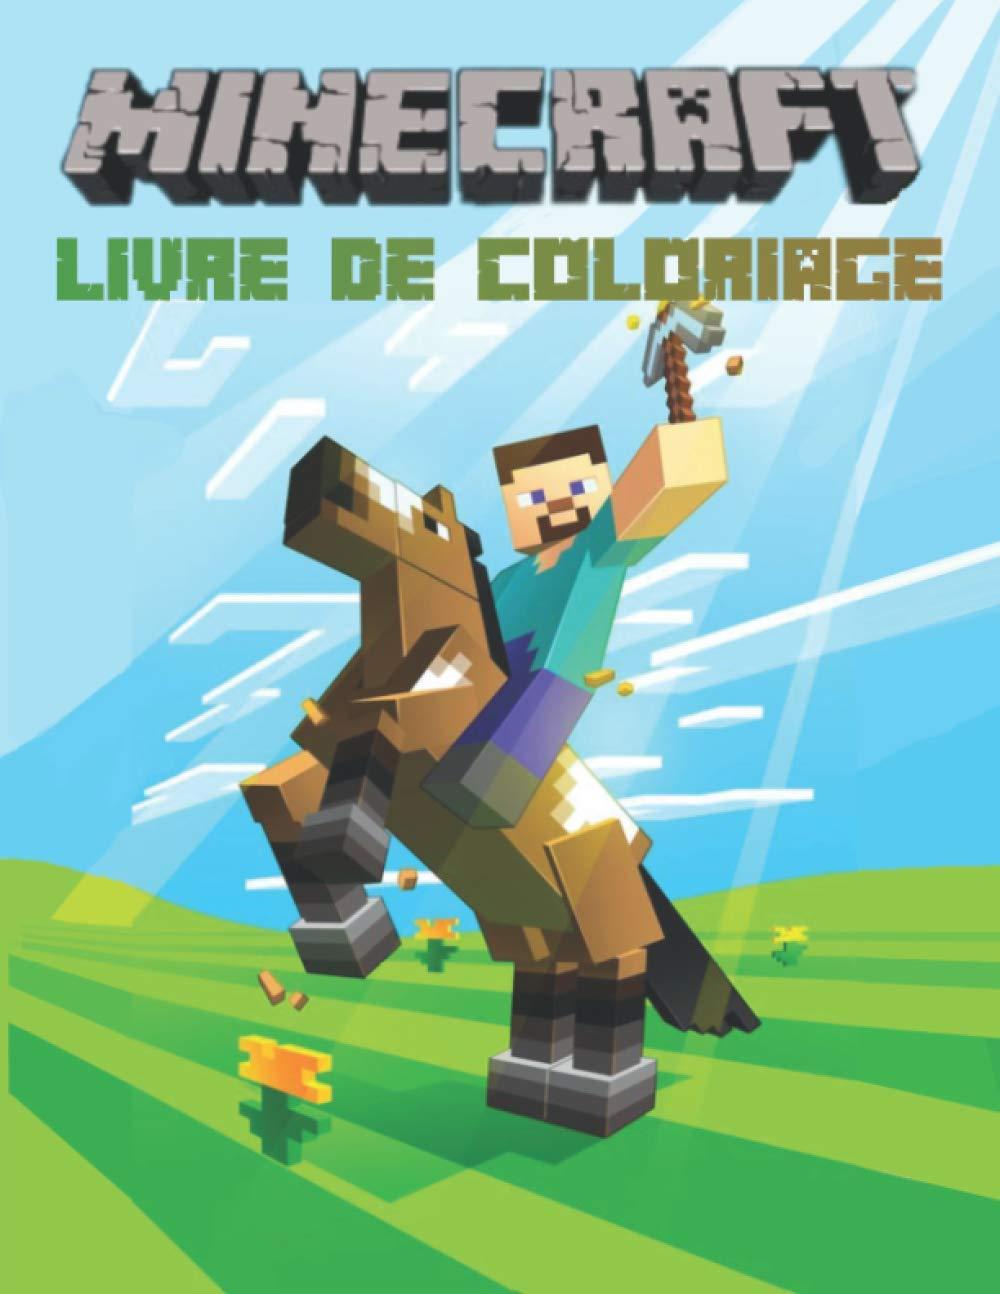 Minecraft Livre De Coloriage Cahier De Coloriage Minecraft Super Pour Les Enfants 70 Pages Enderman Steve Creeper Skeletton Animaux Et Pleins Dessins Minecraft A Colorier French Edition Super Minecrafter 9798697453643 Amazon Com Books